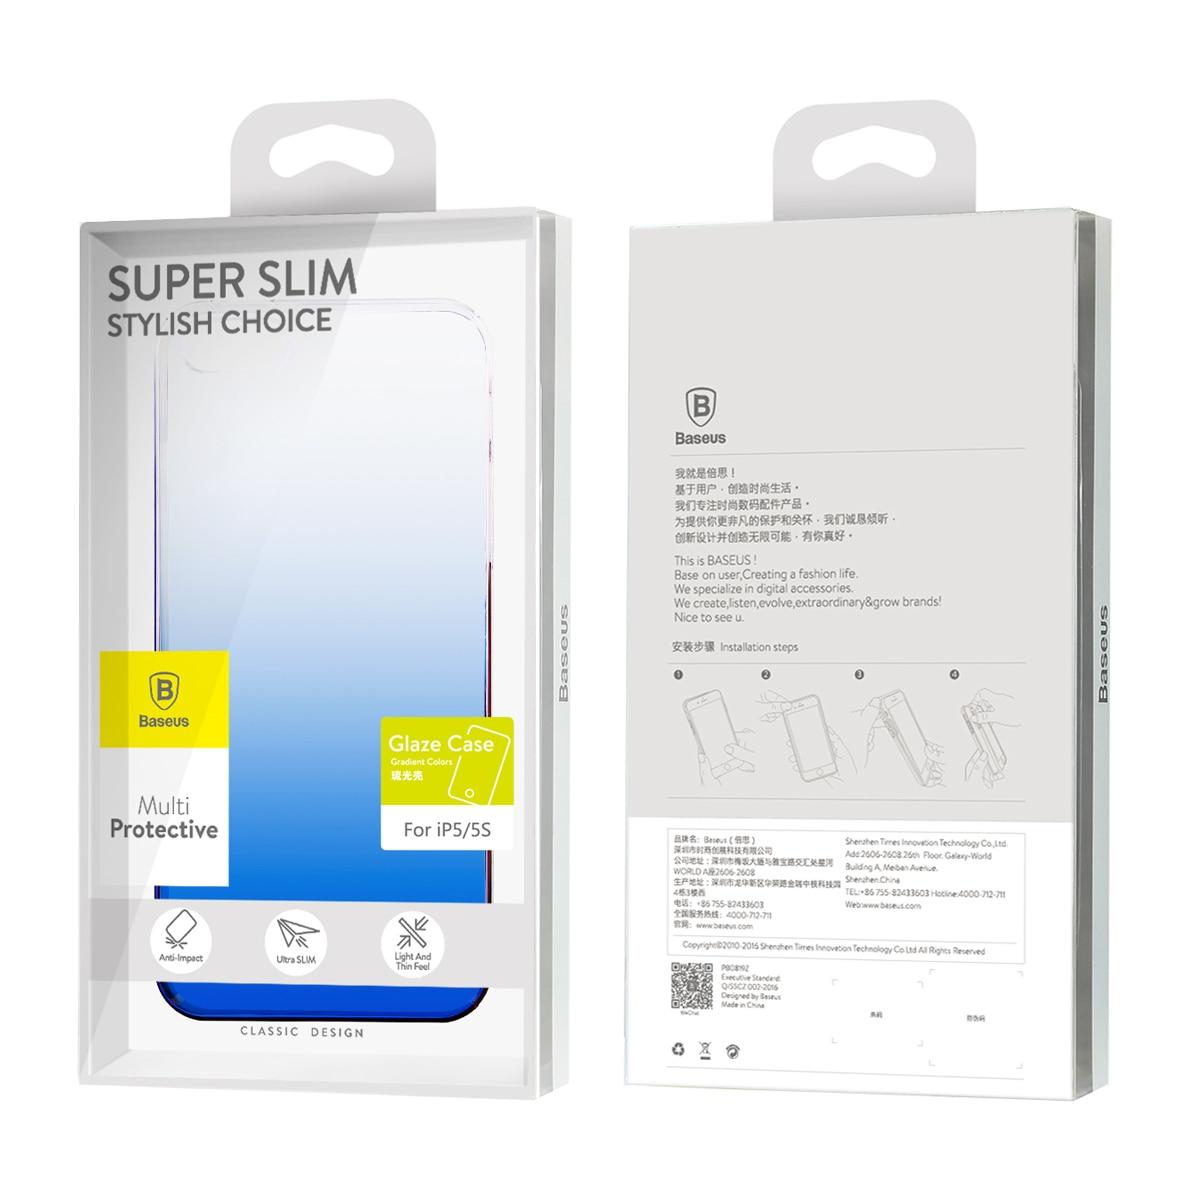 Iphone 5 hoesjes купить в Китае